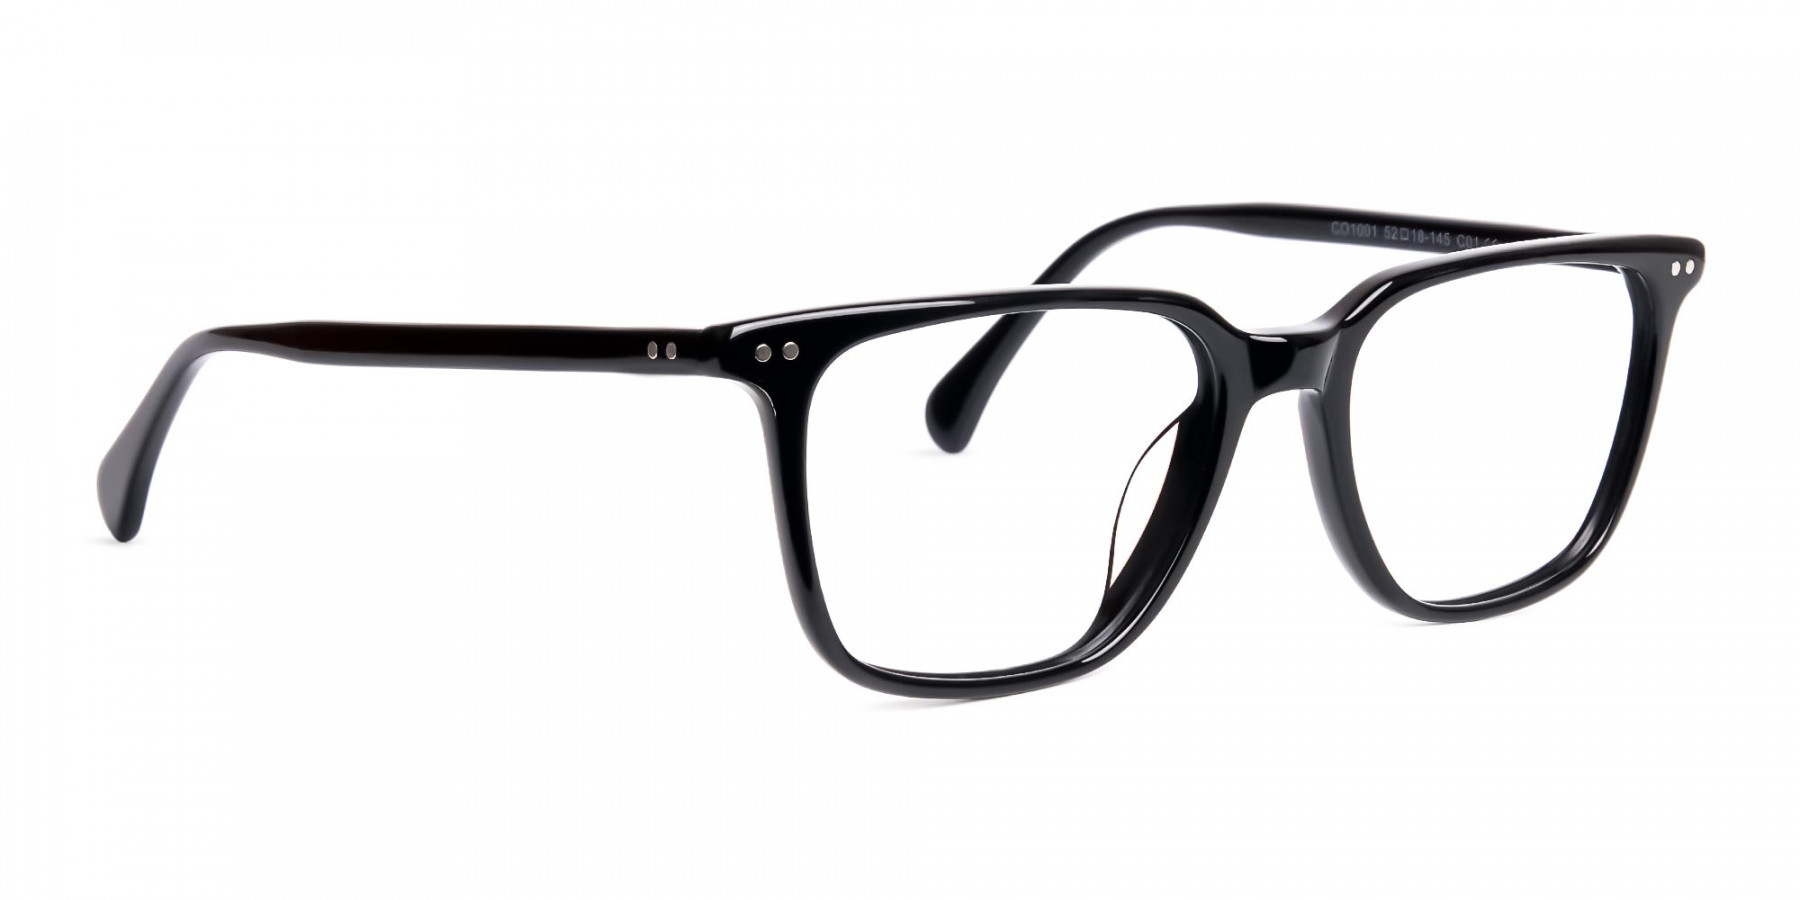 black-rectangular-wayfarer-full-rim-glasses-frames-1